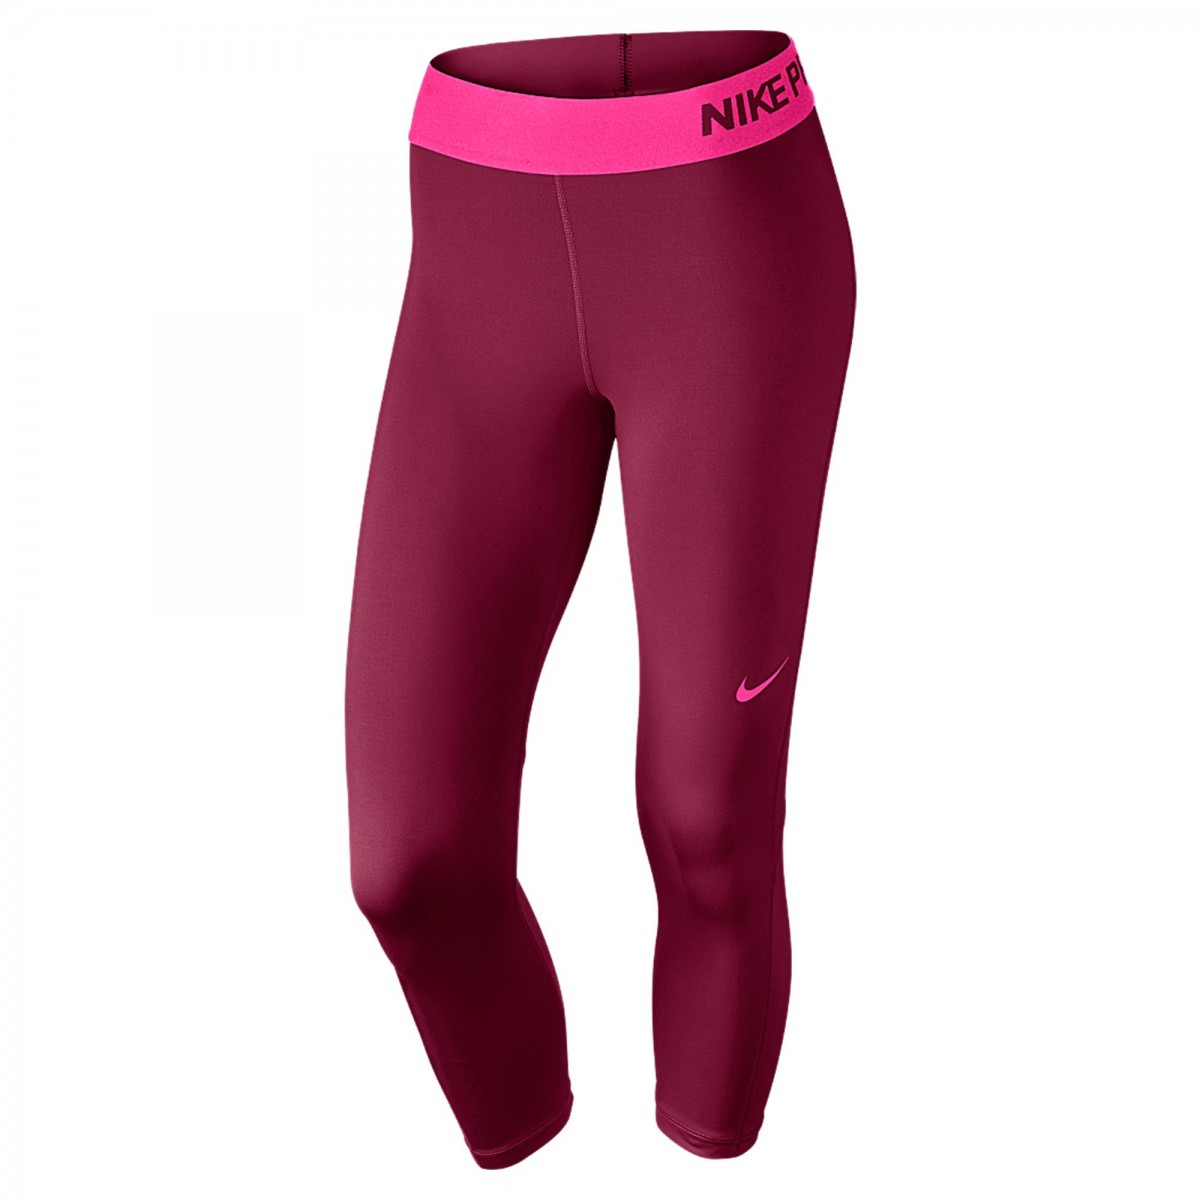 1745ad142ae1f Bizz Store - Calça Legging Feminina Nike Pro Cool Pink Esportiva